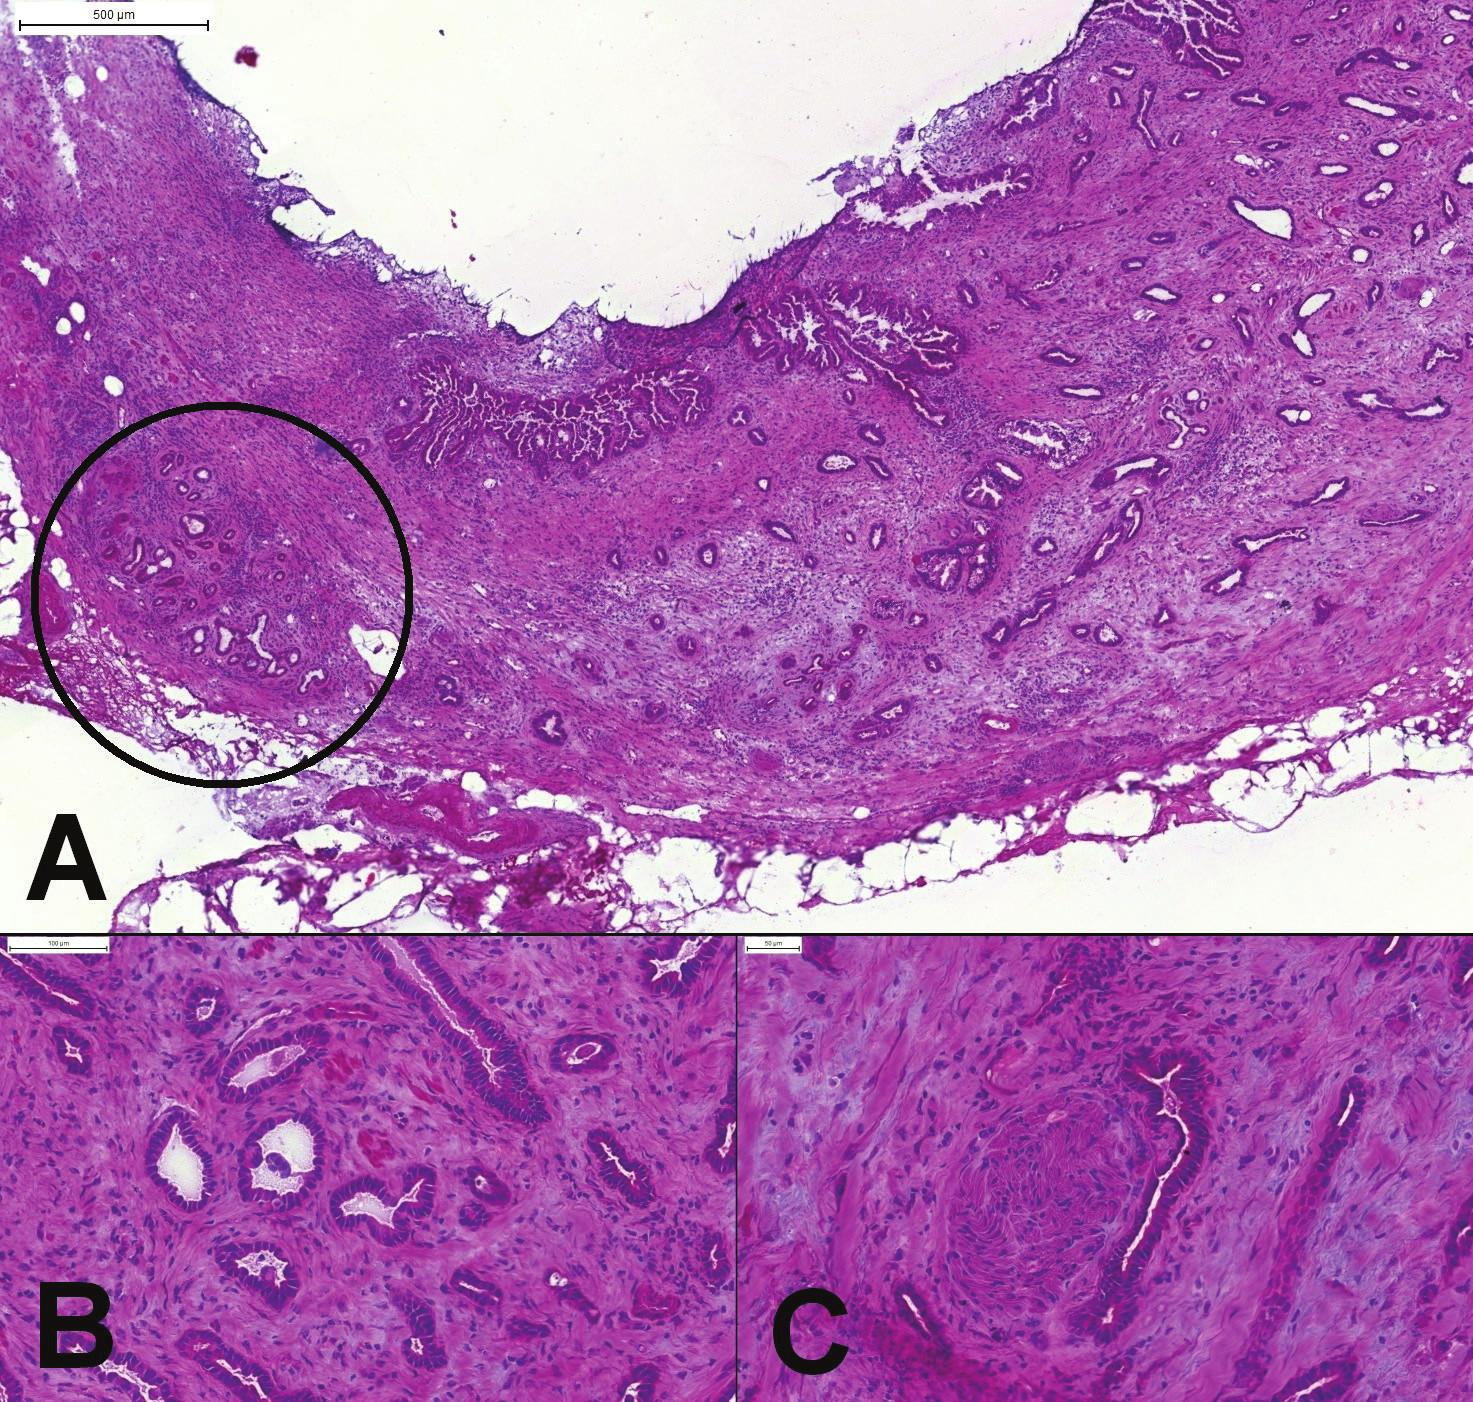 (A) Peroperačné vyšetrenie okraja choledochu. Náhodne usporiadané žliazky karcinómu (pravá časť obrázku), ktorý infiltruje celú stenu choledochu. Lobulárne usporiadané reziduálne peribiliárne žliazky (v krúžku). (B) Chaoticky usporiadané angulované žliazky karcinómu, cytologicky iba mierne atypické. (C) Perineurálna invázia.